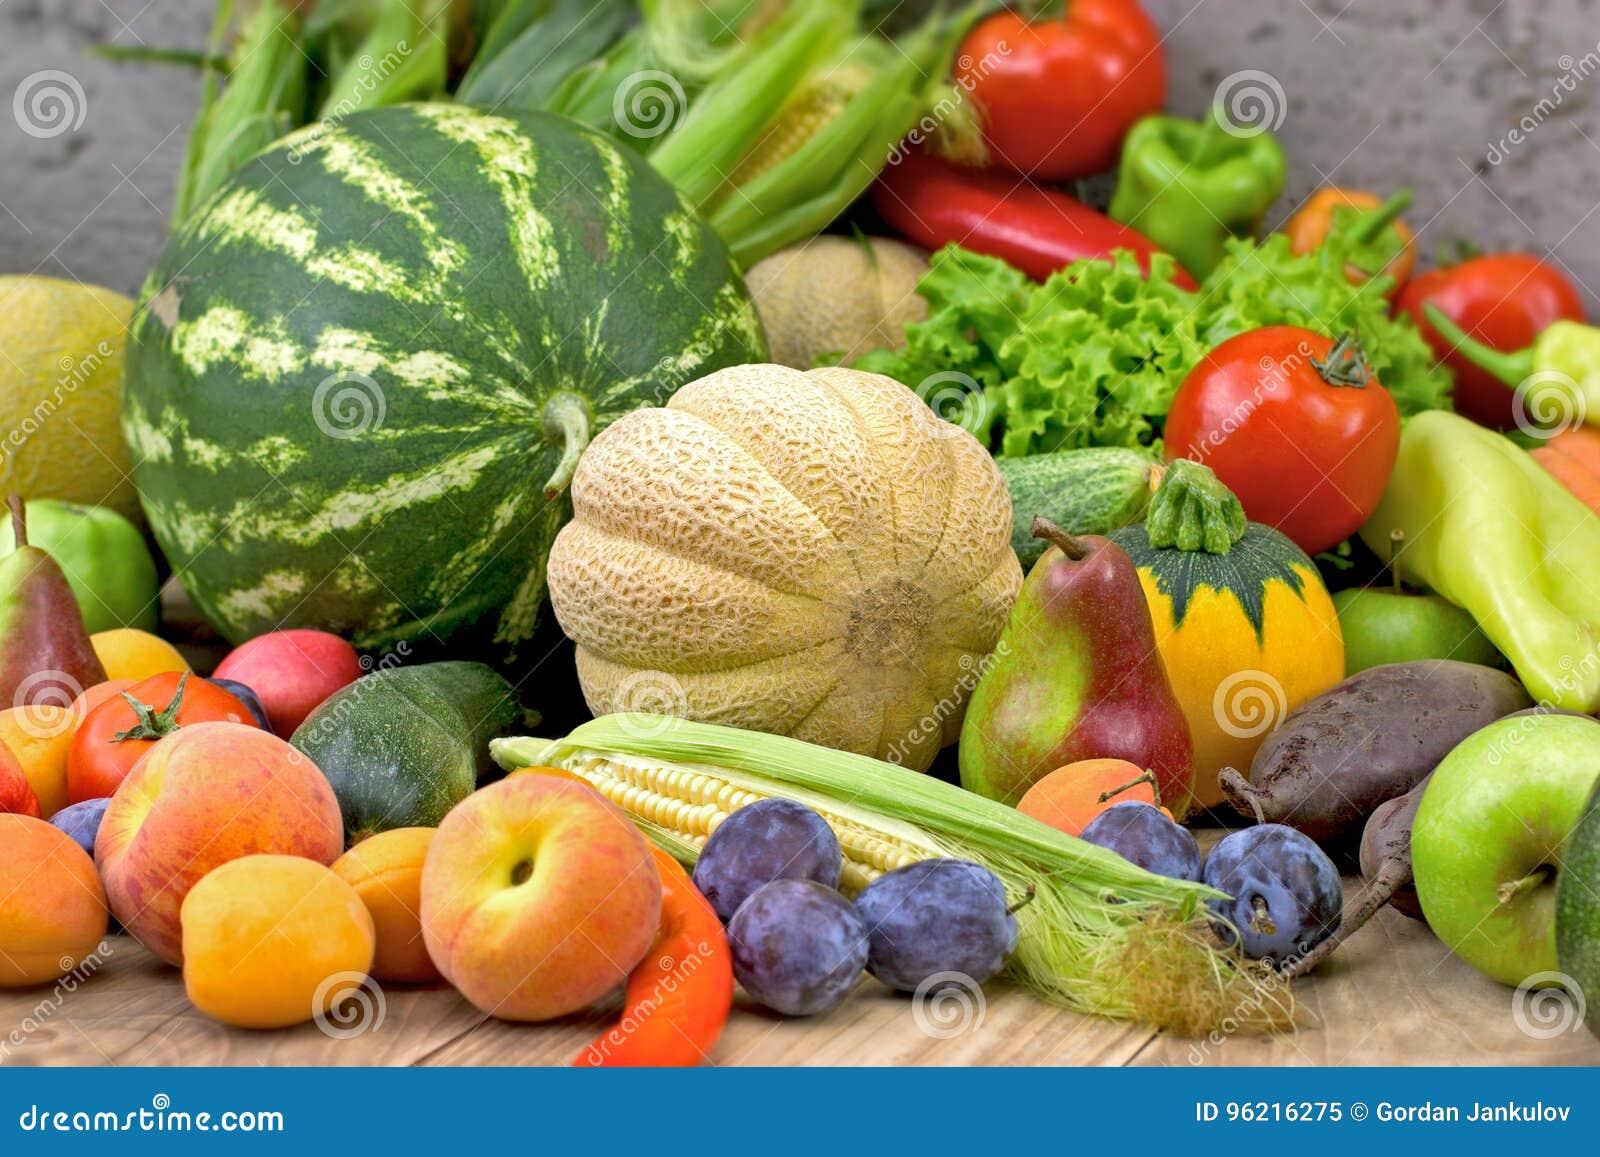 卧室包括有营养素,胡椒术,有机,图片,美食兼起居室-96216275大连亚有限公司食惠美图片